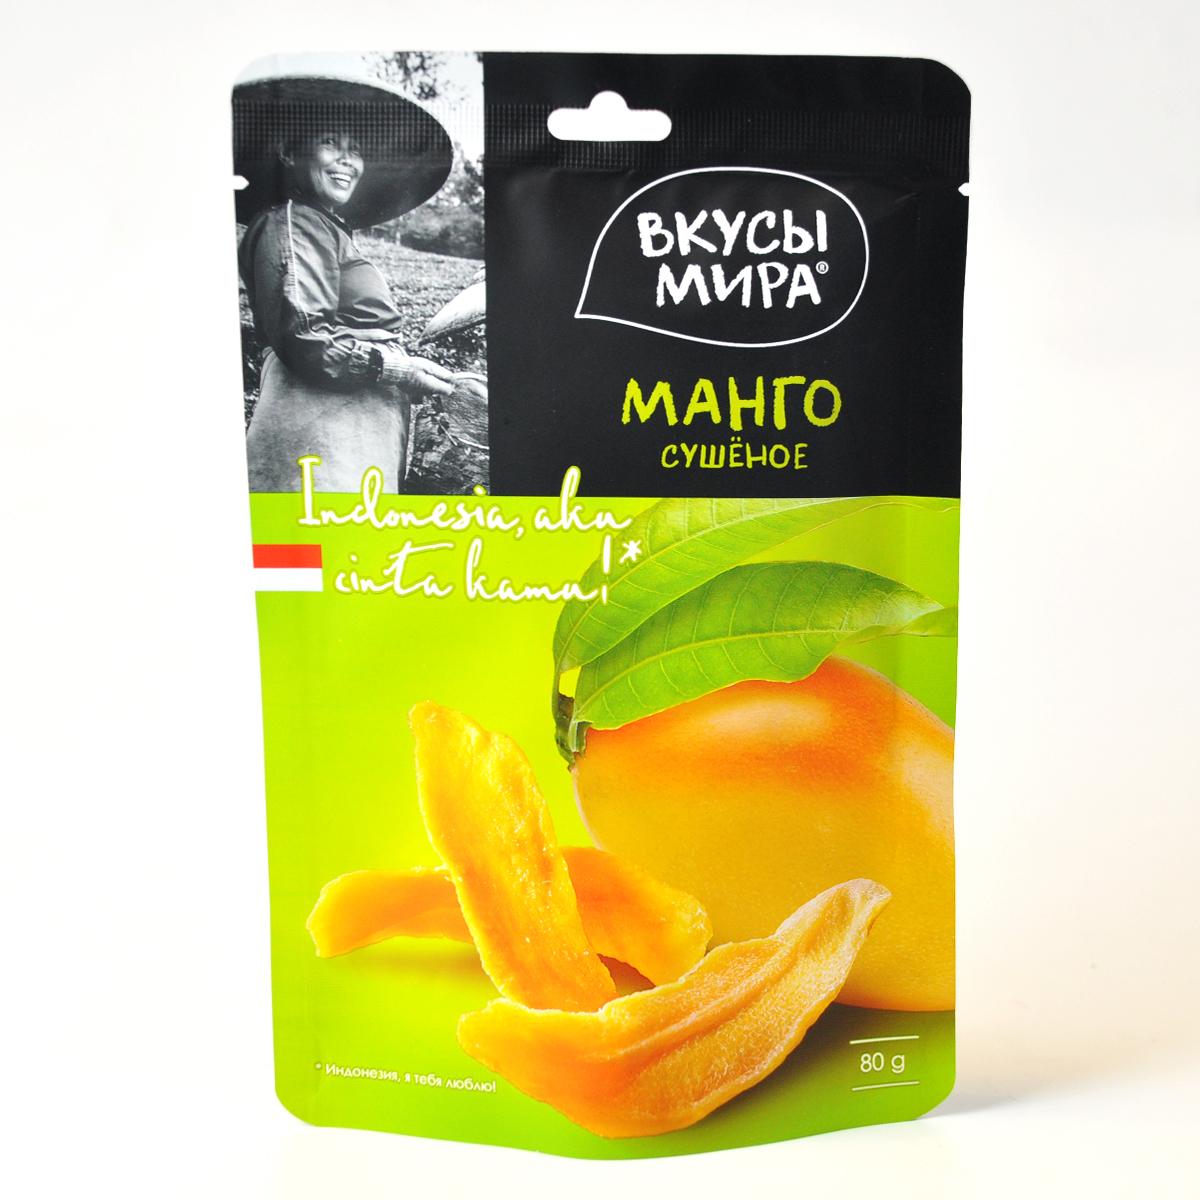 Манго сушеное  Вкусы мира  80 гр